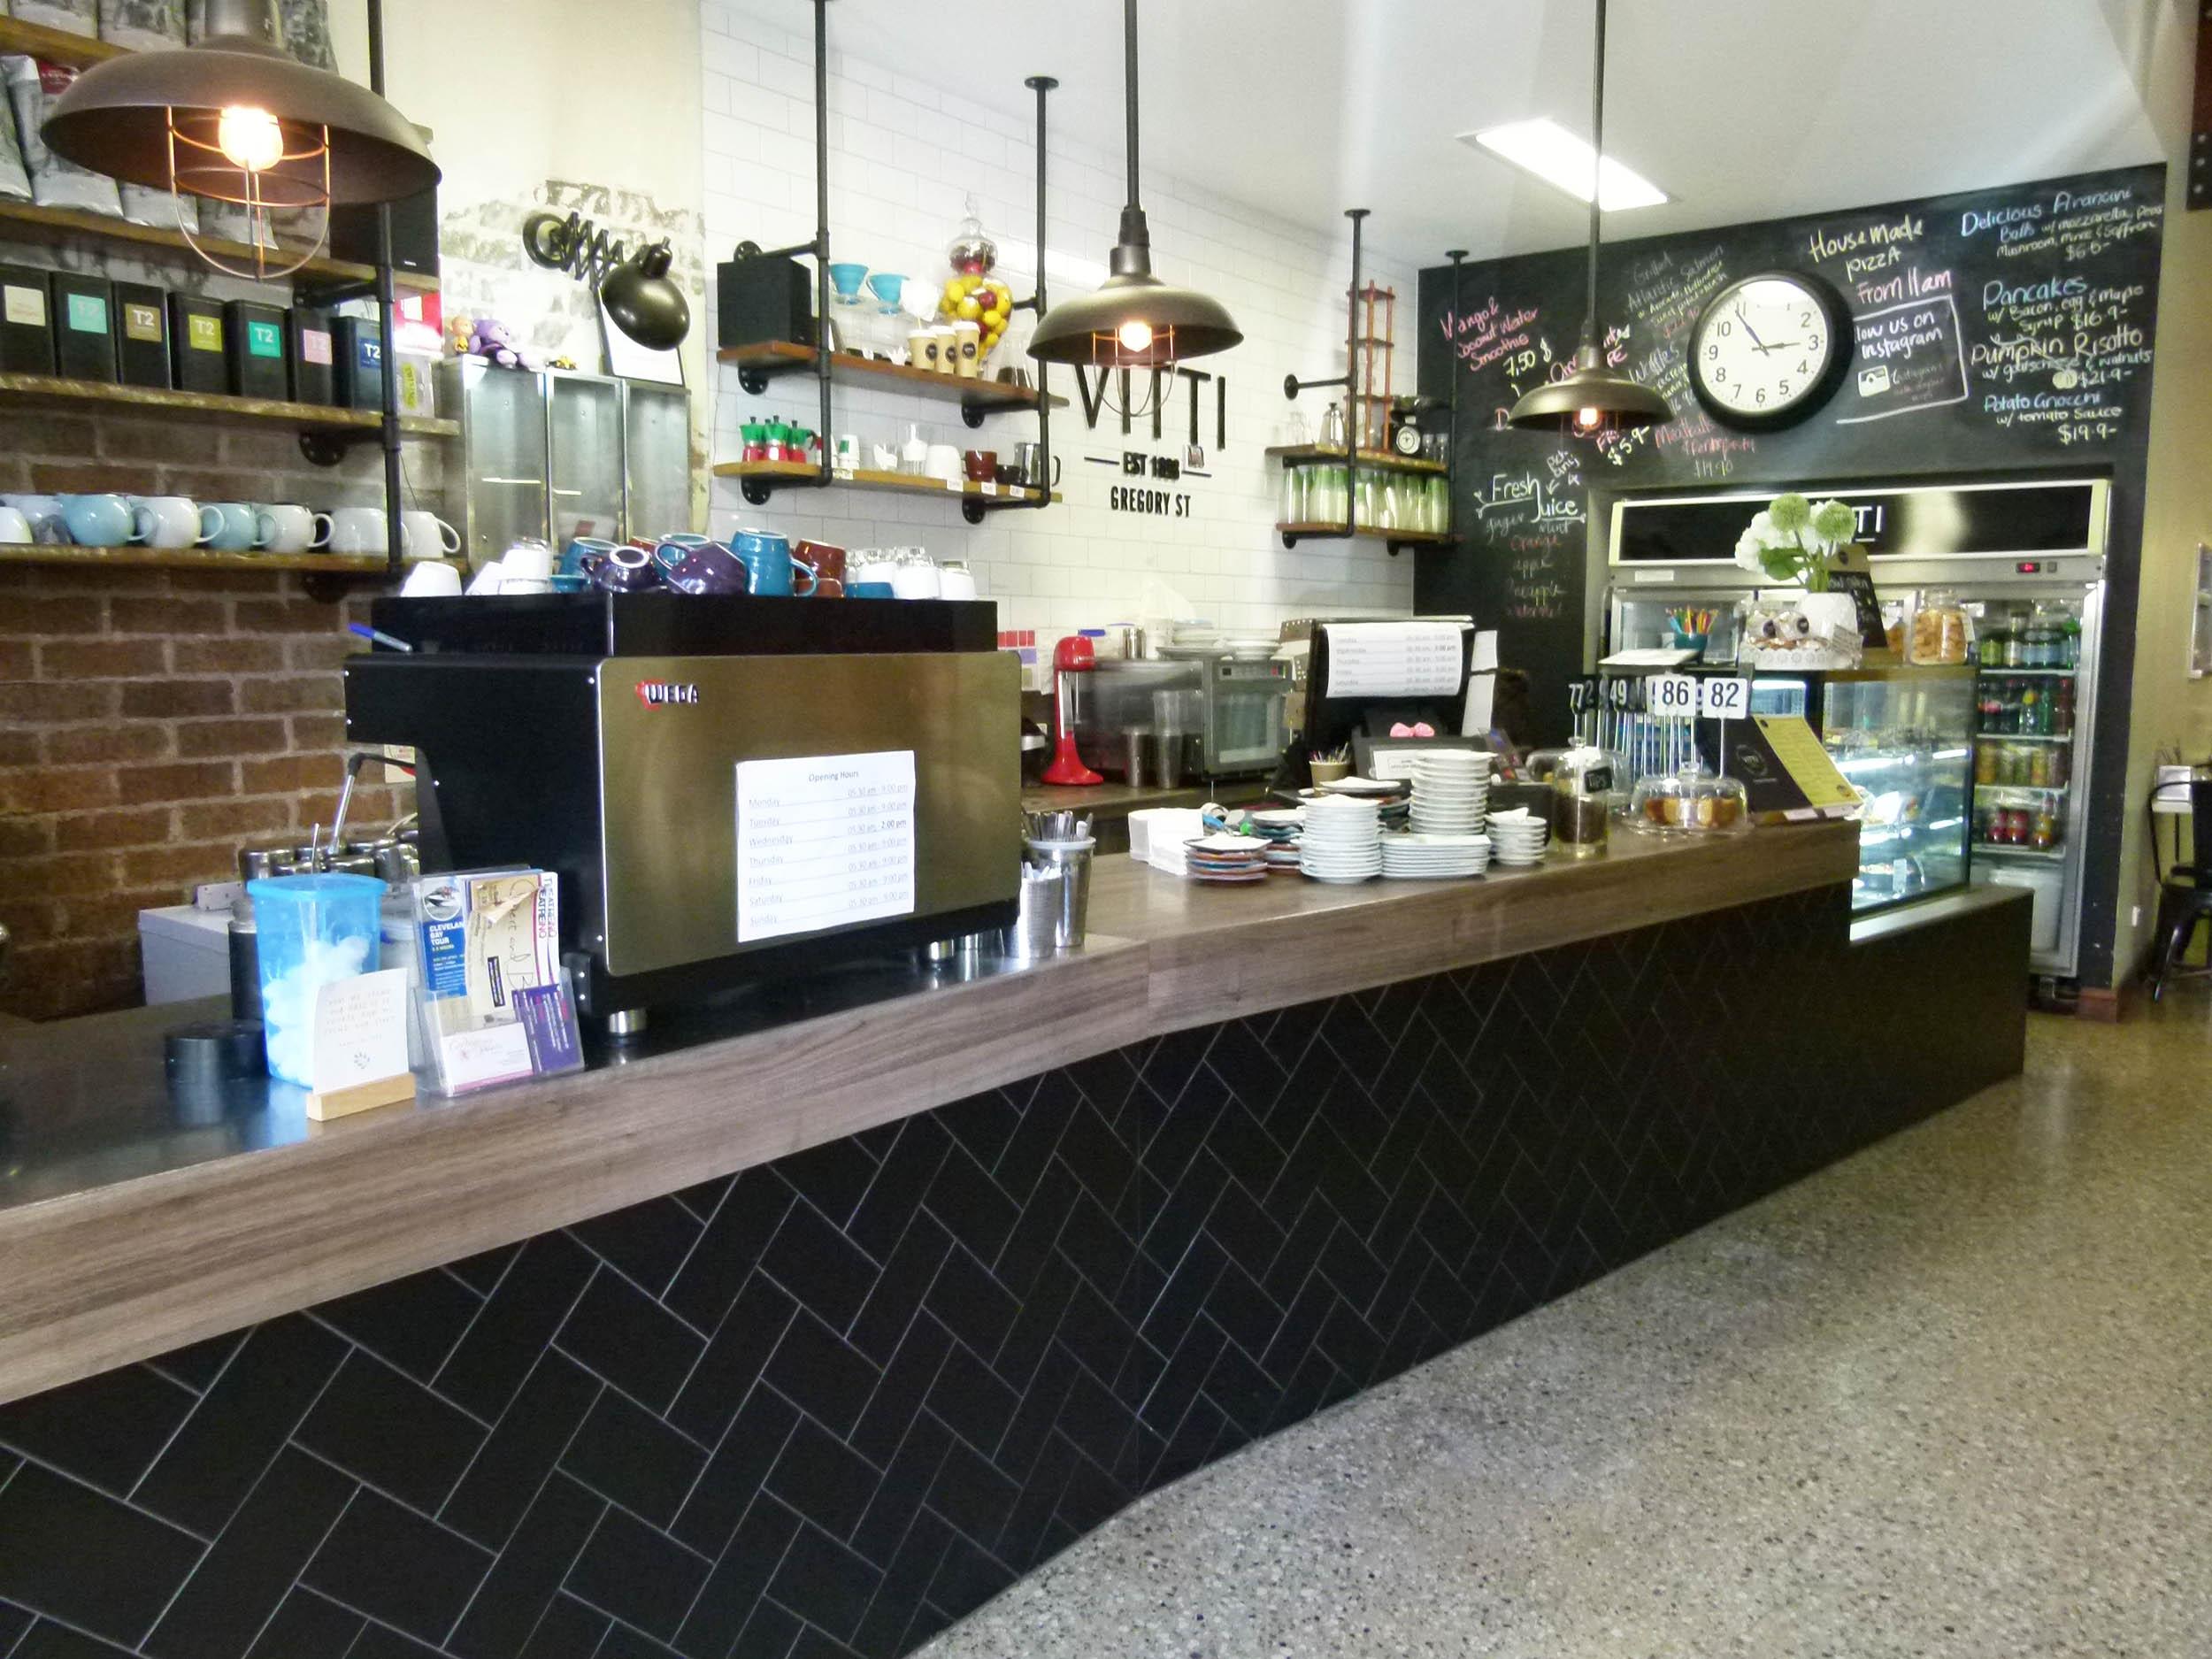 Cafe Bambini Townsville Menu